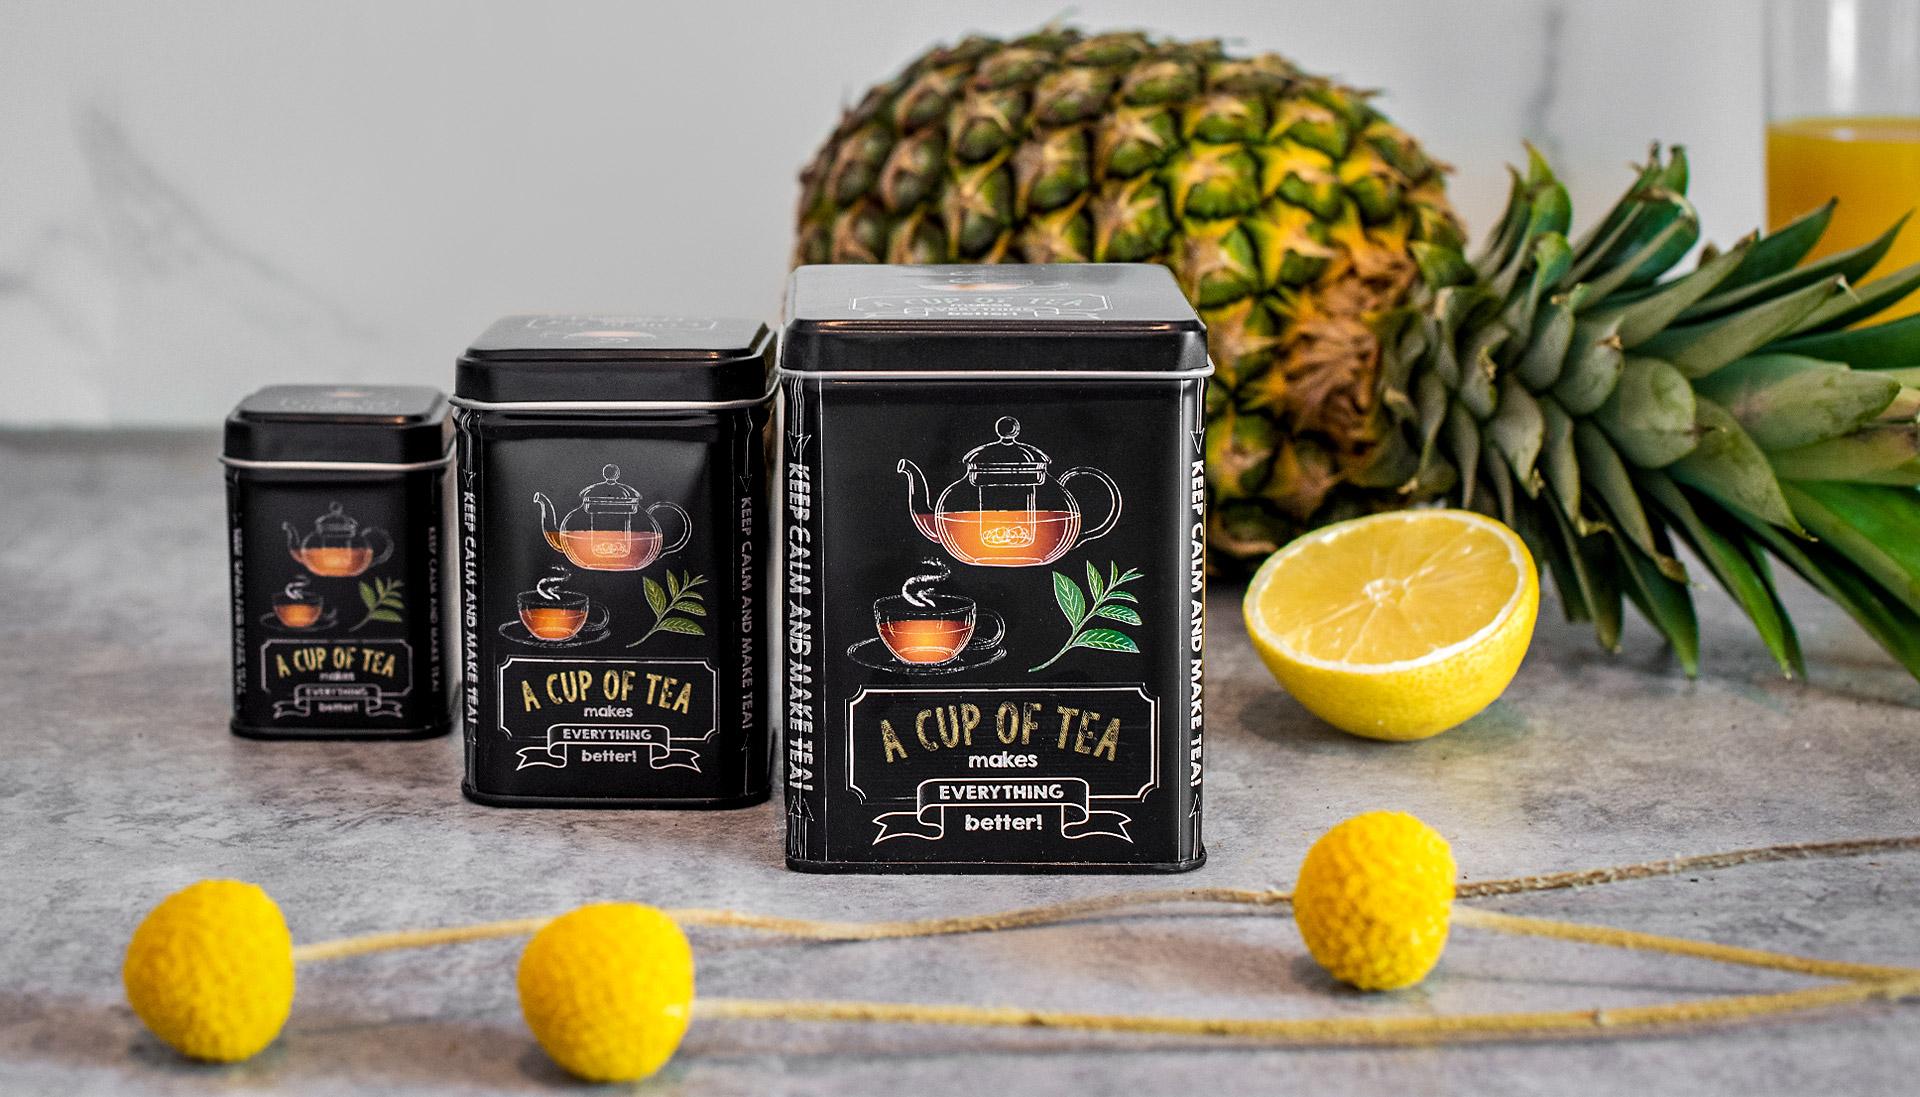 puszka Cup of Tea